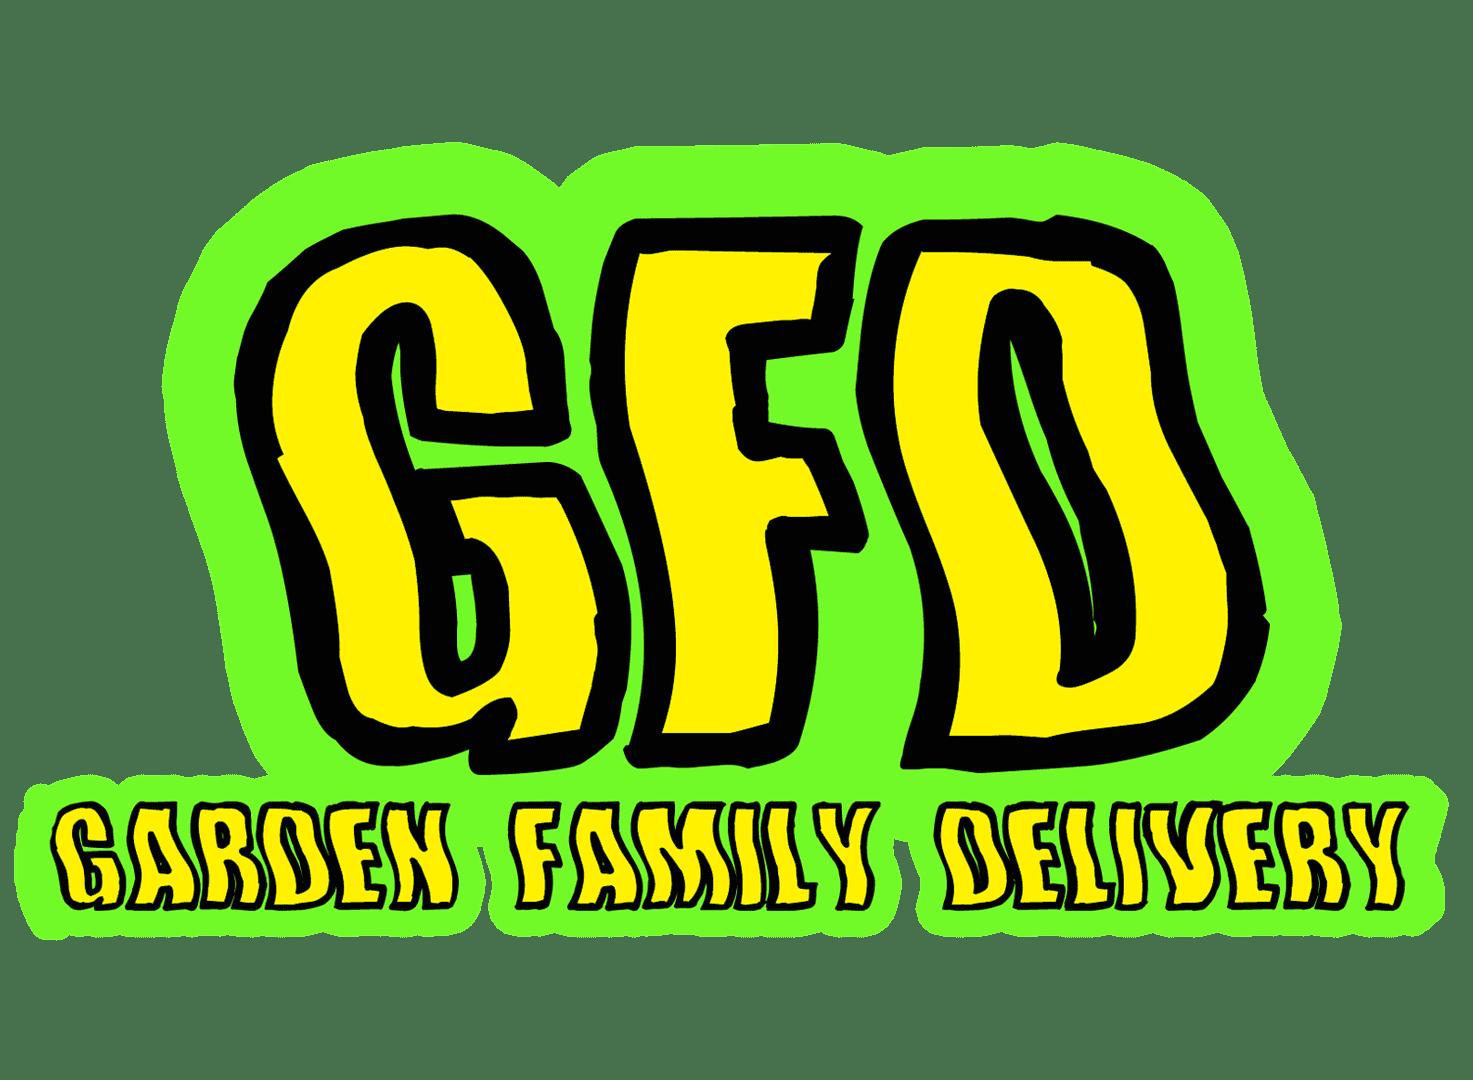 Garden family delivery logo